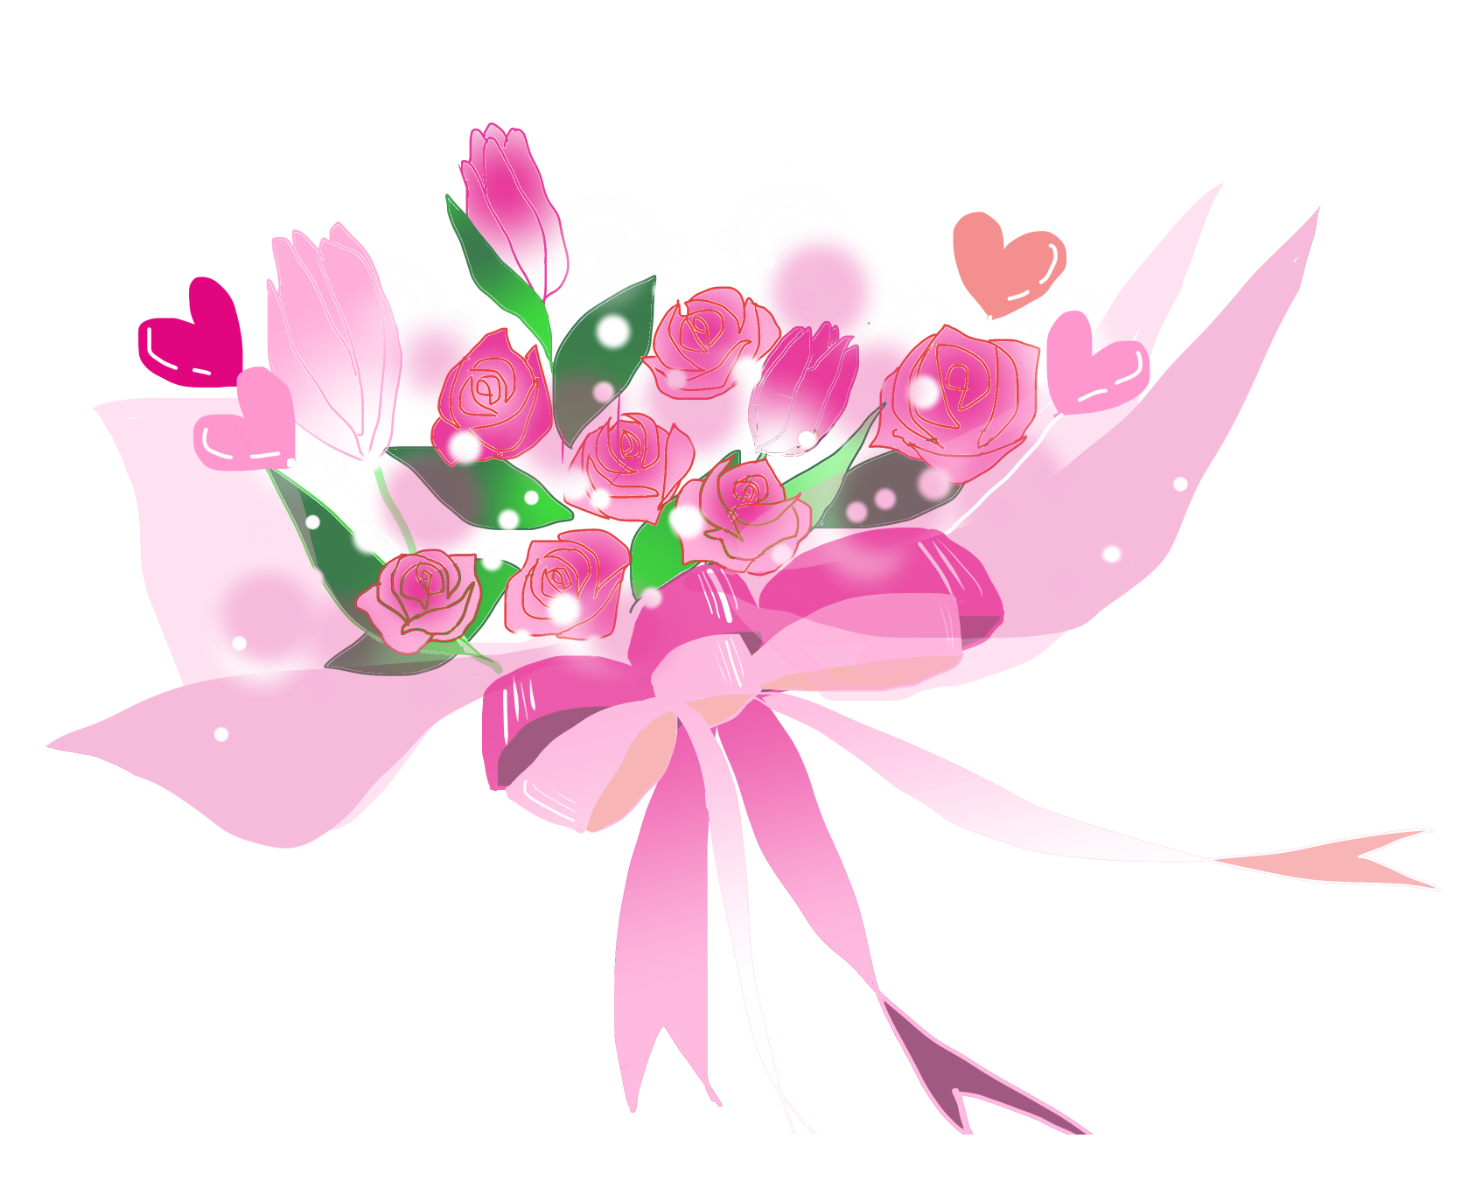 ハートが咲き誇るキュートな花束